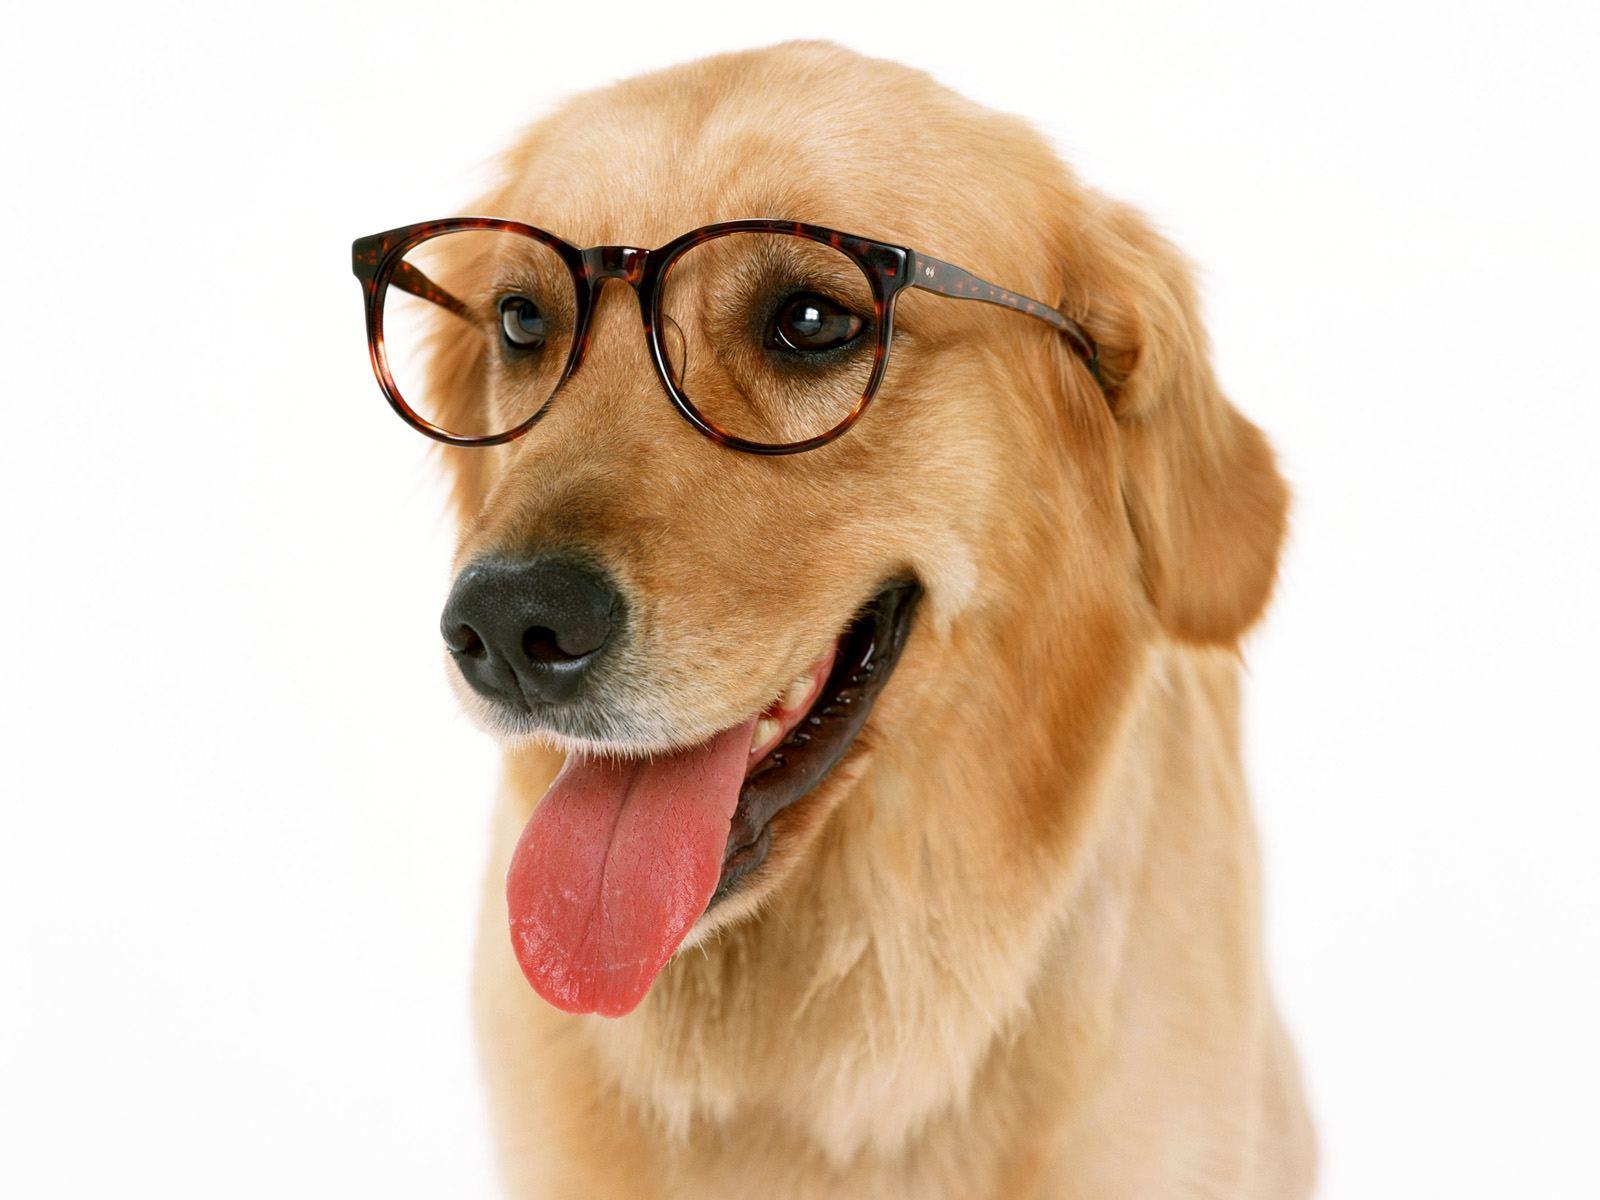 Traduction anglais-français: Pour chiens savants ou